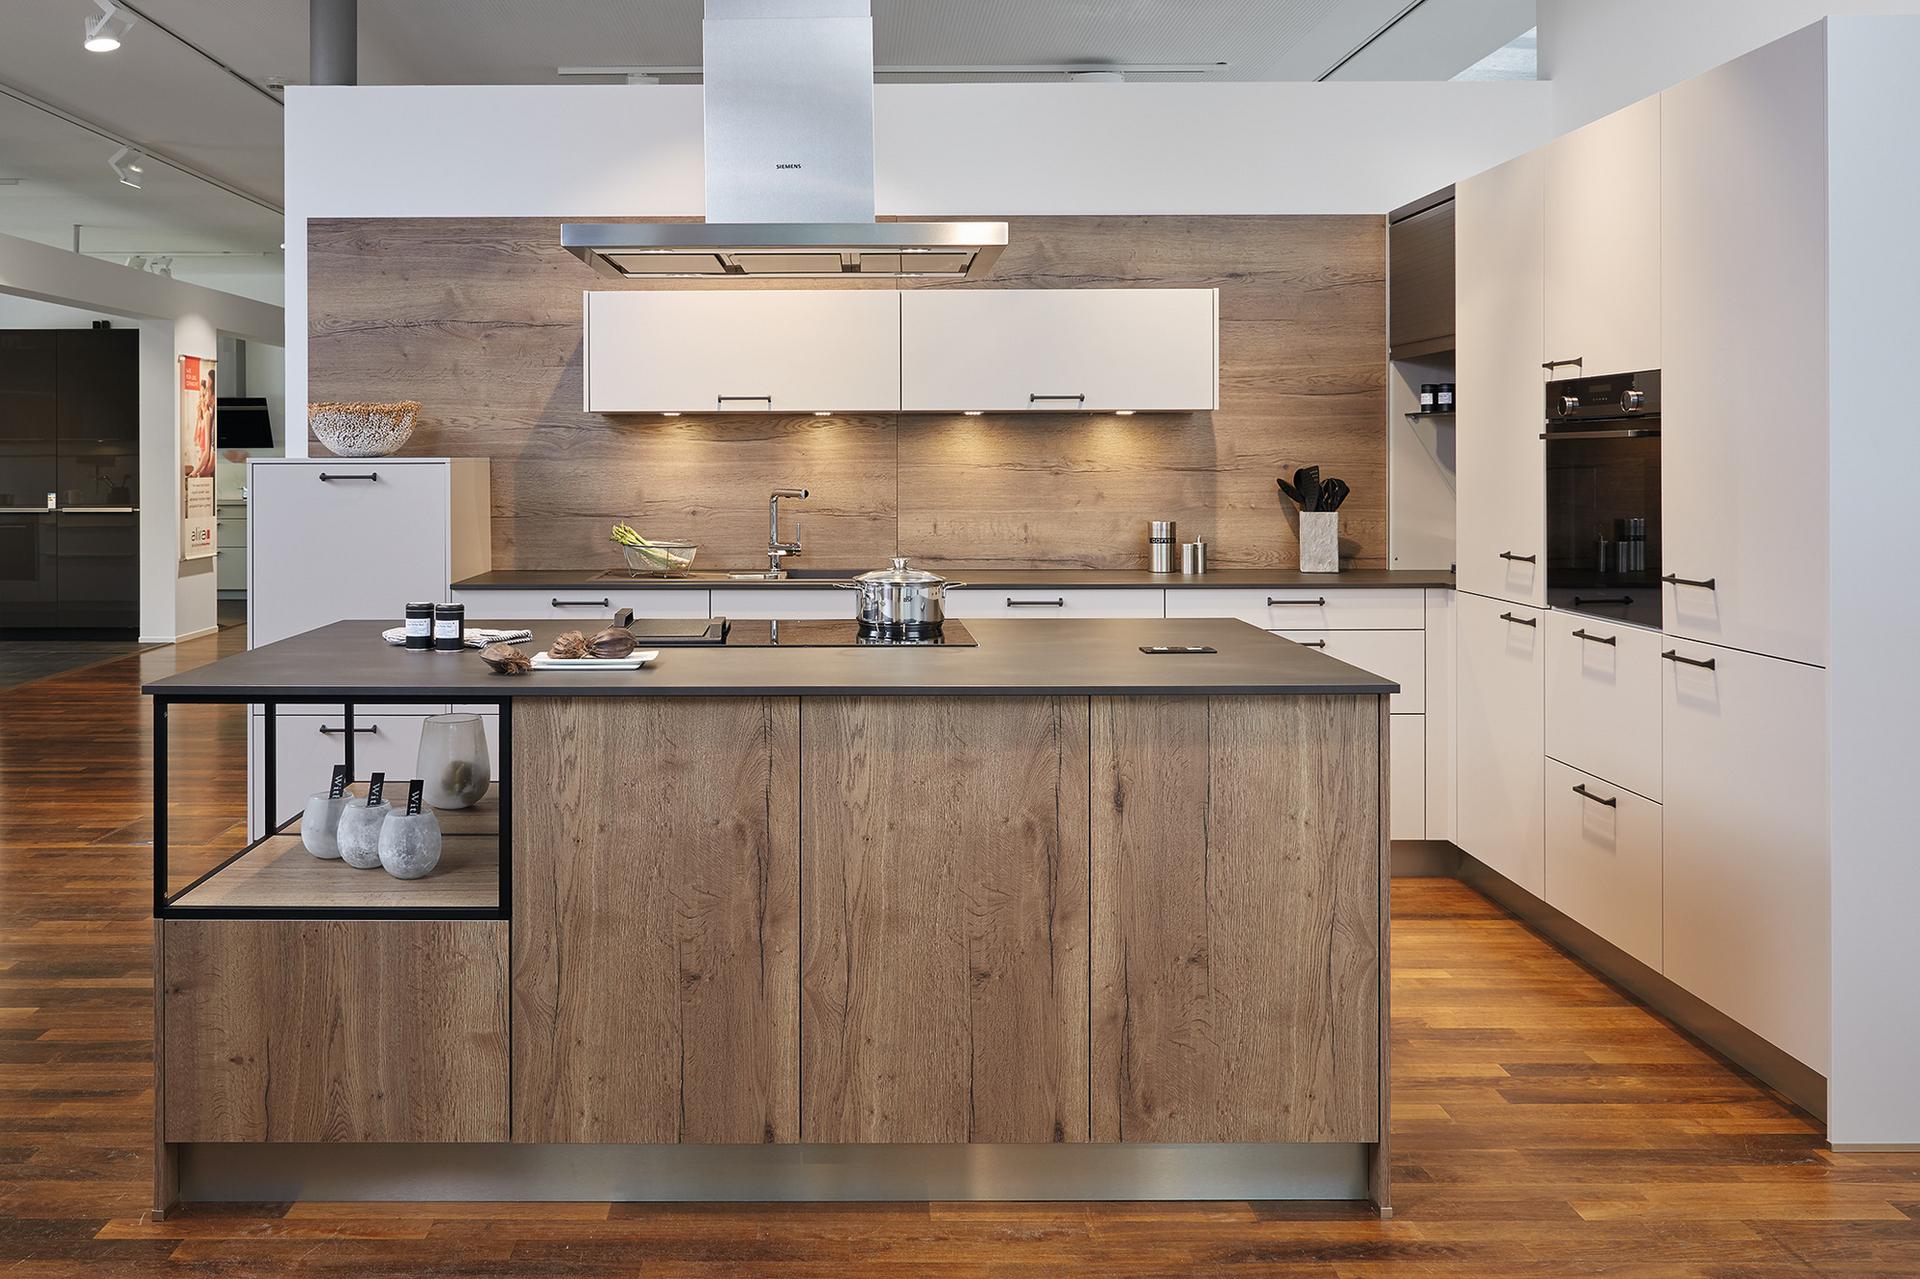 Küchenatelier in der World of Living - Halle der Kreation